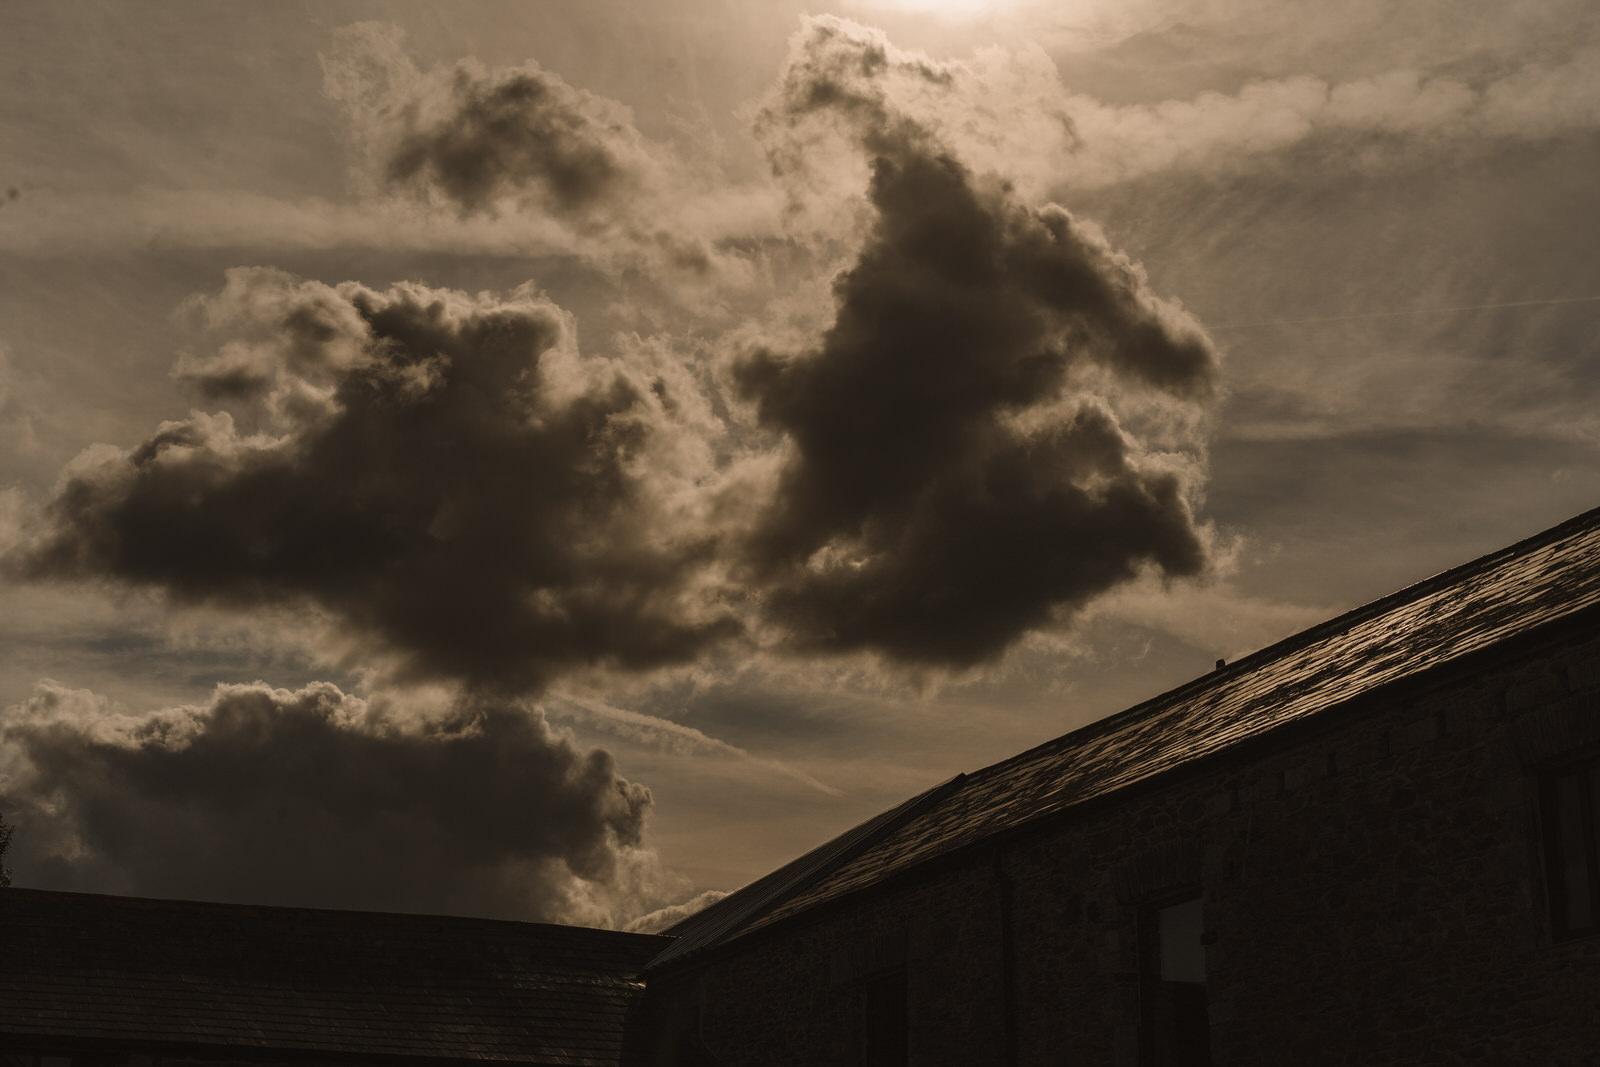 Tara-Sam-ANRAN-Devon-(Flashbulb)0498.jpg